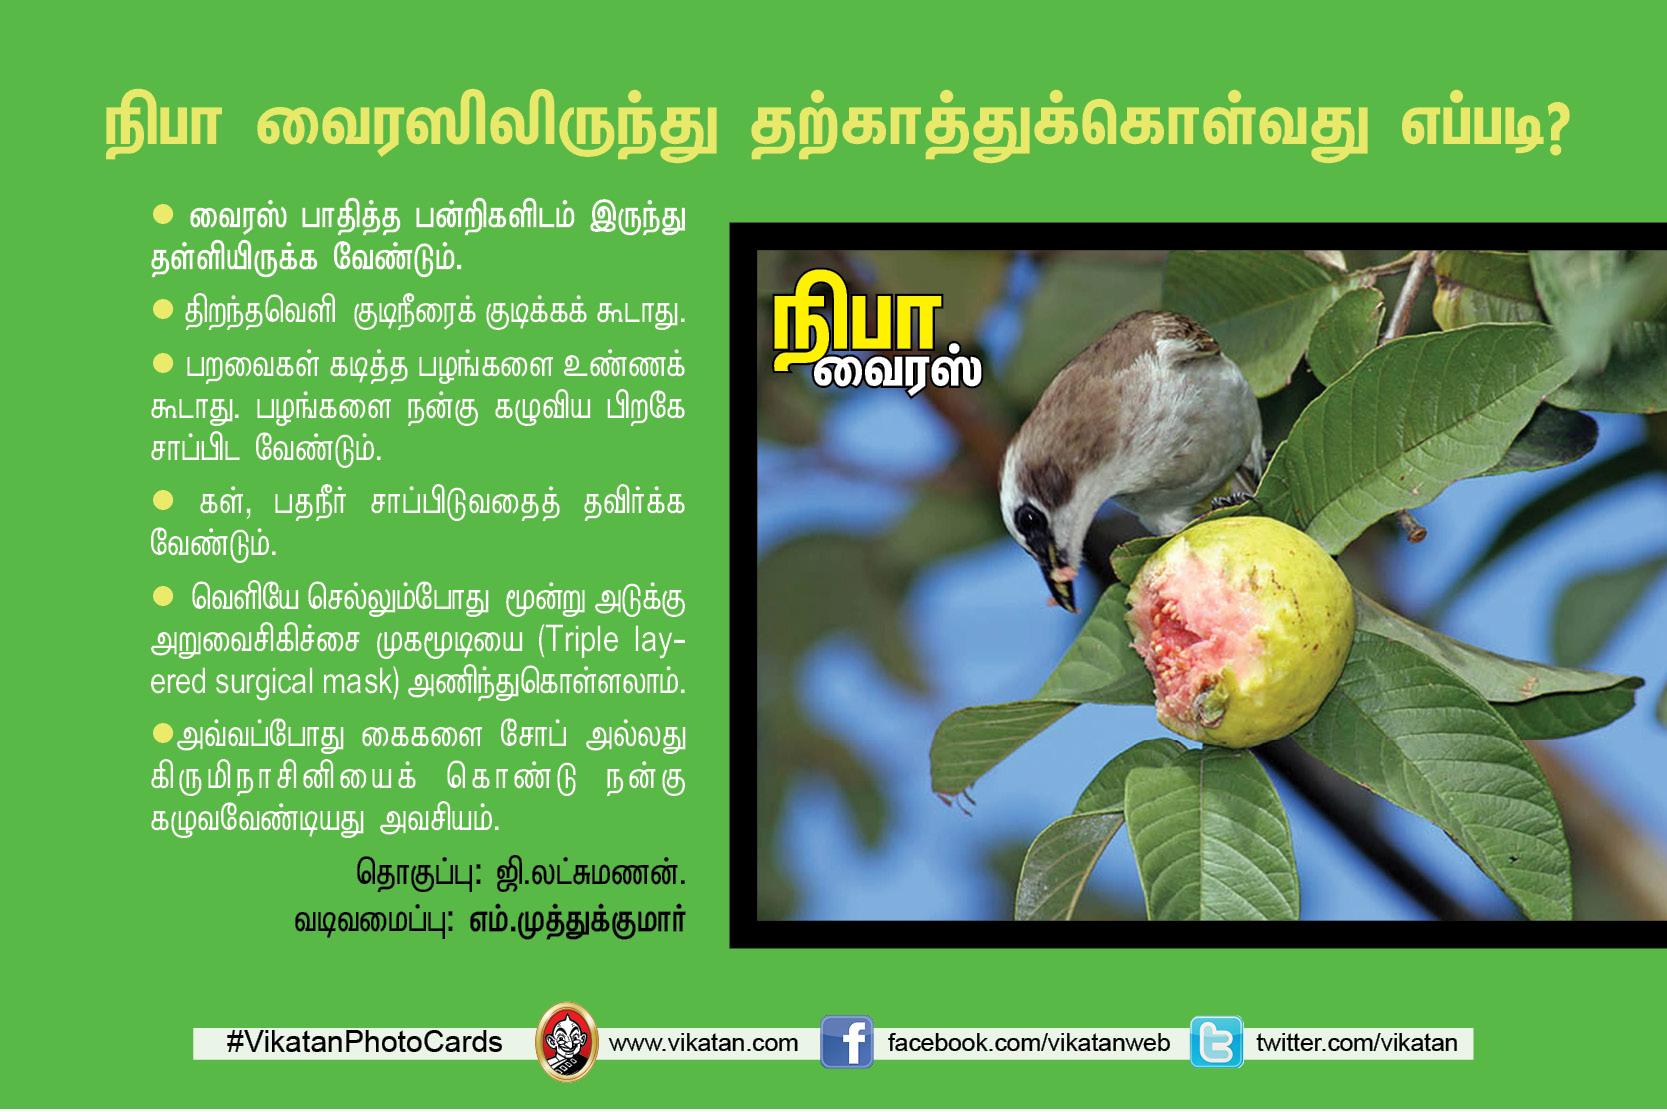 நிபா... அறிந்துகொள்ளவேண்டிய அவசியத் தகவல்கள்! #VikatanPhotoCards